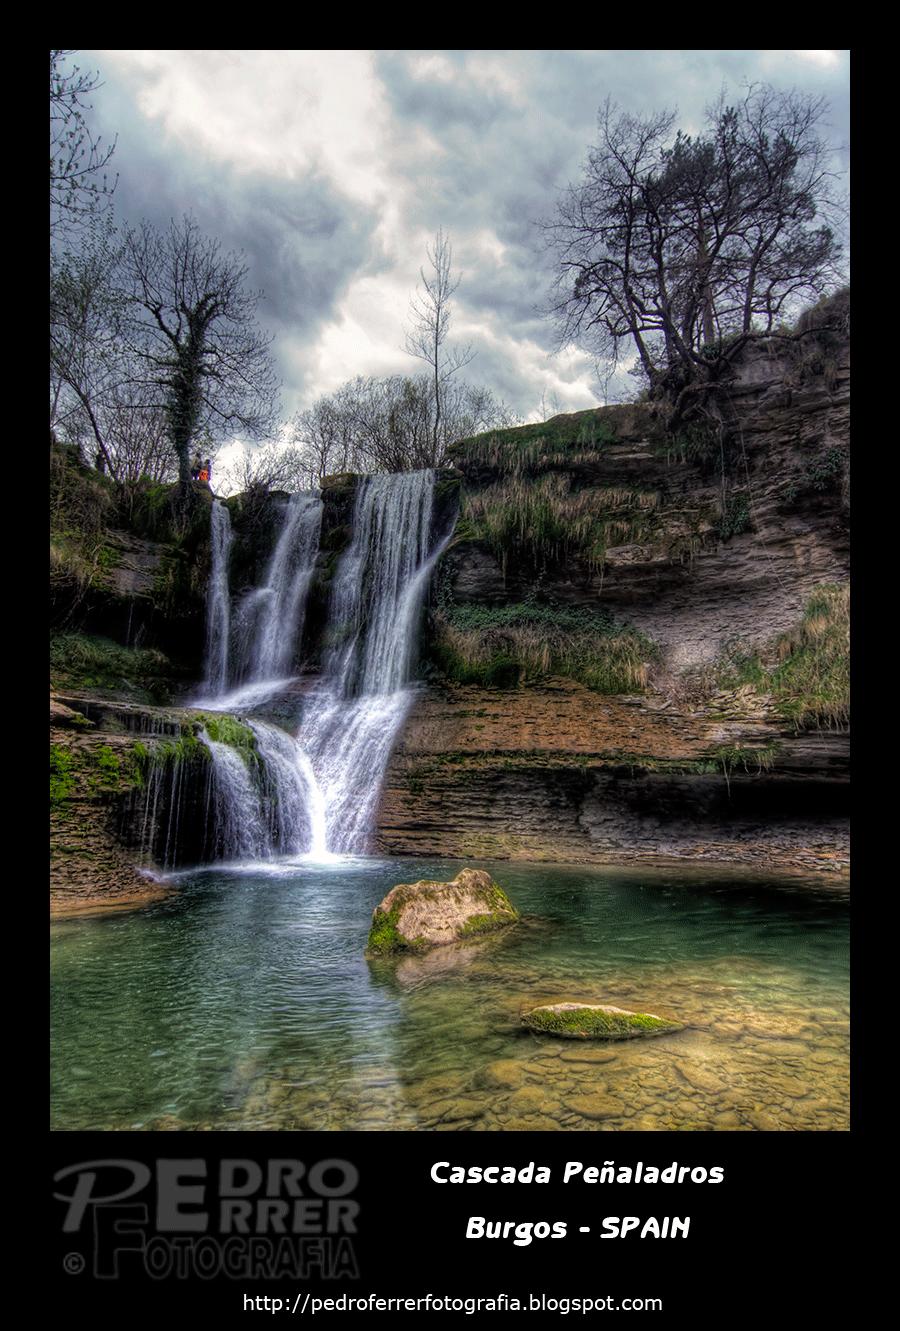 Cascada Peñaladros - Cozuela - Valle de Mena  - Burgos